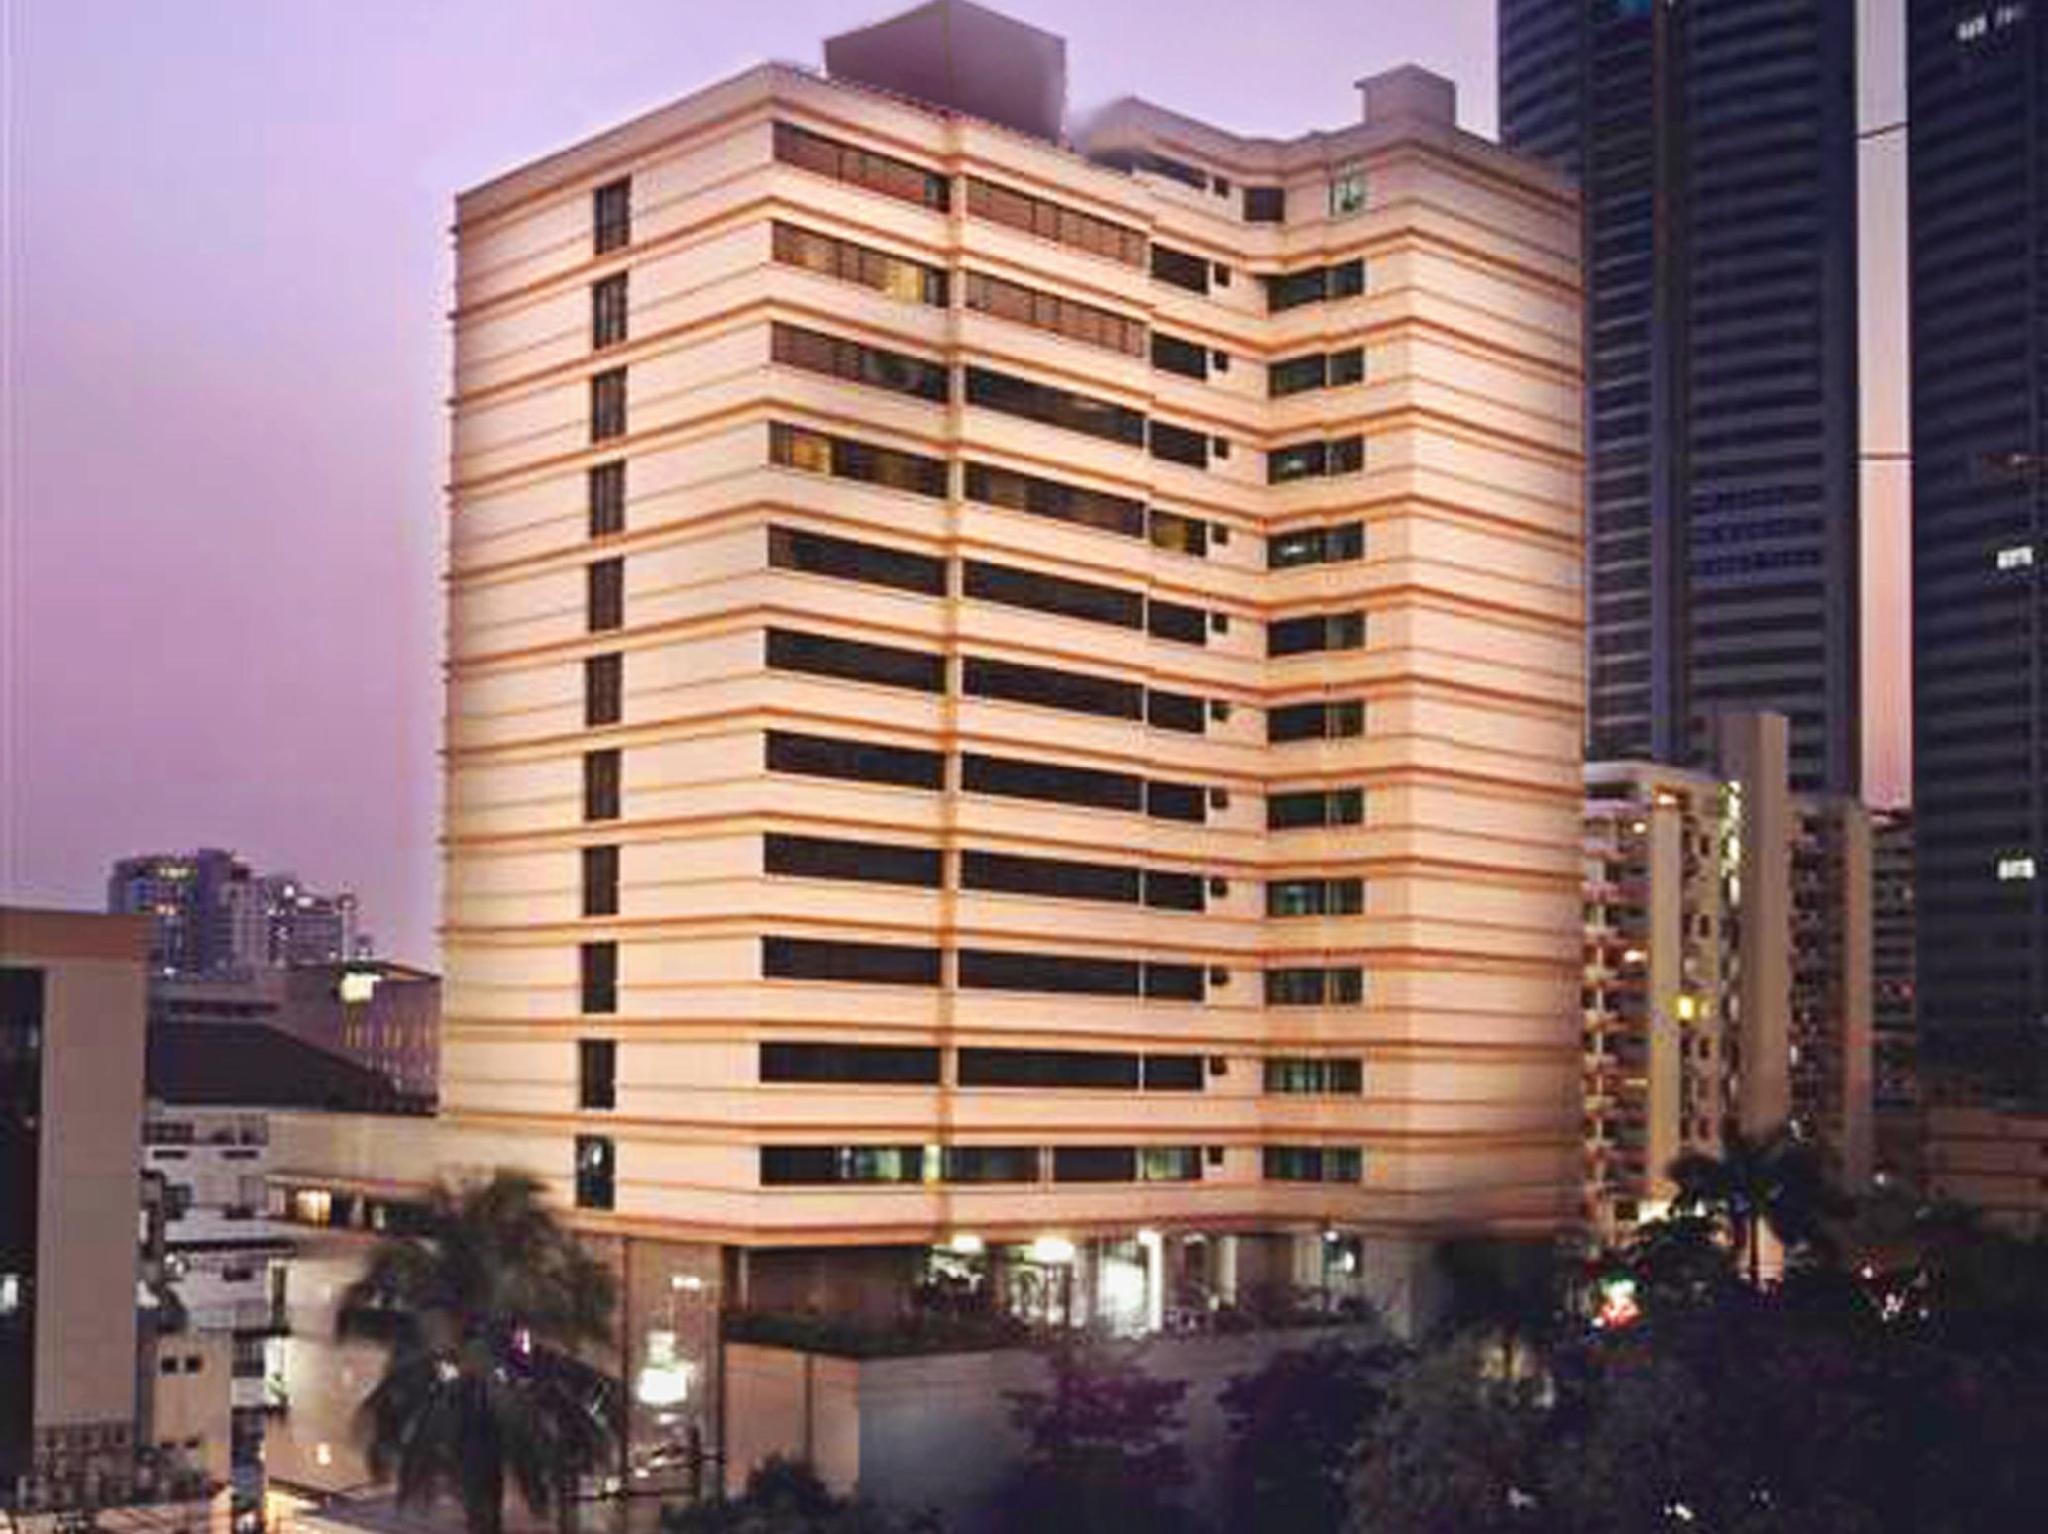 โรงแรมมาร์เวล กรุงเทพ